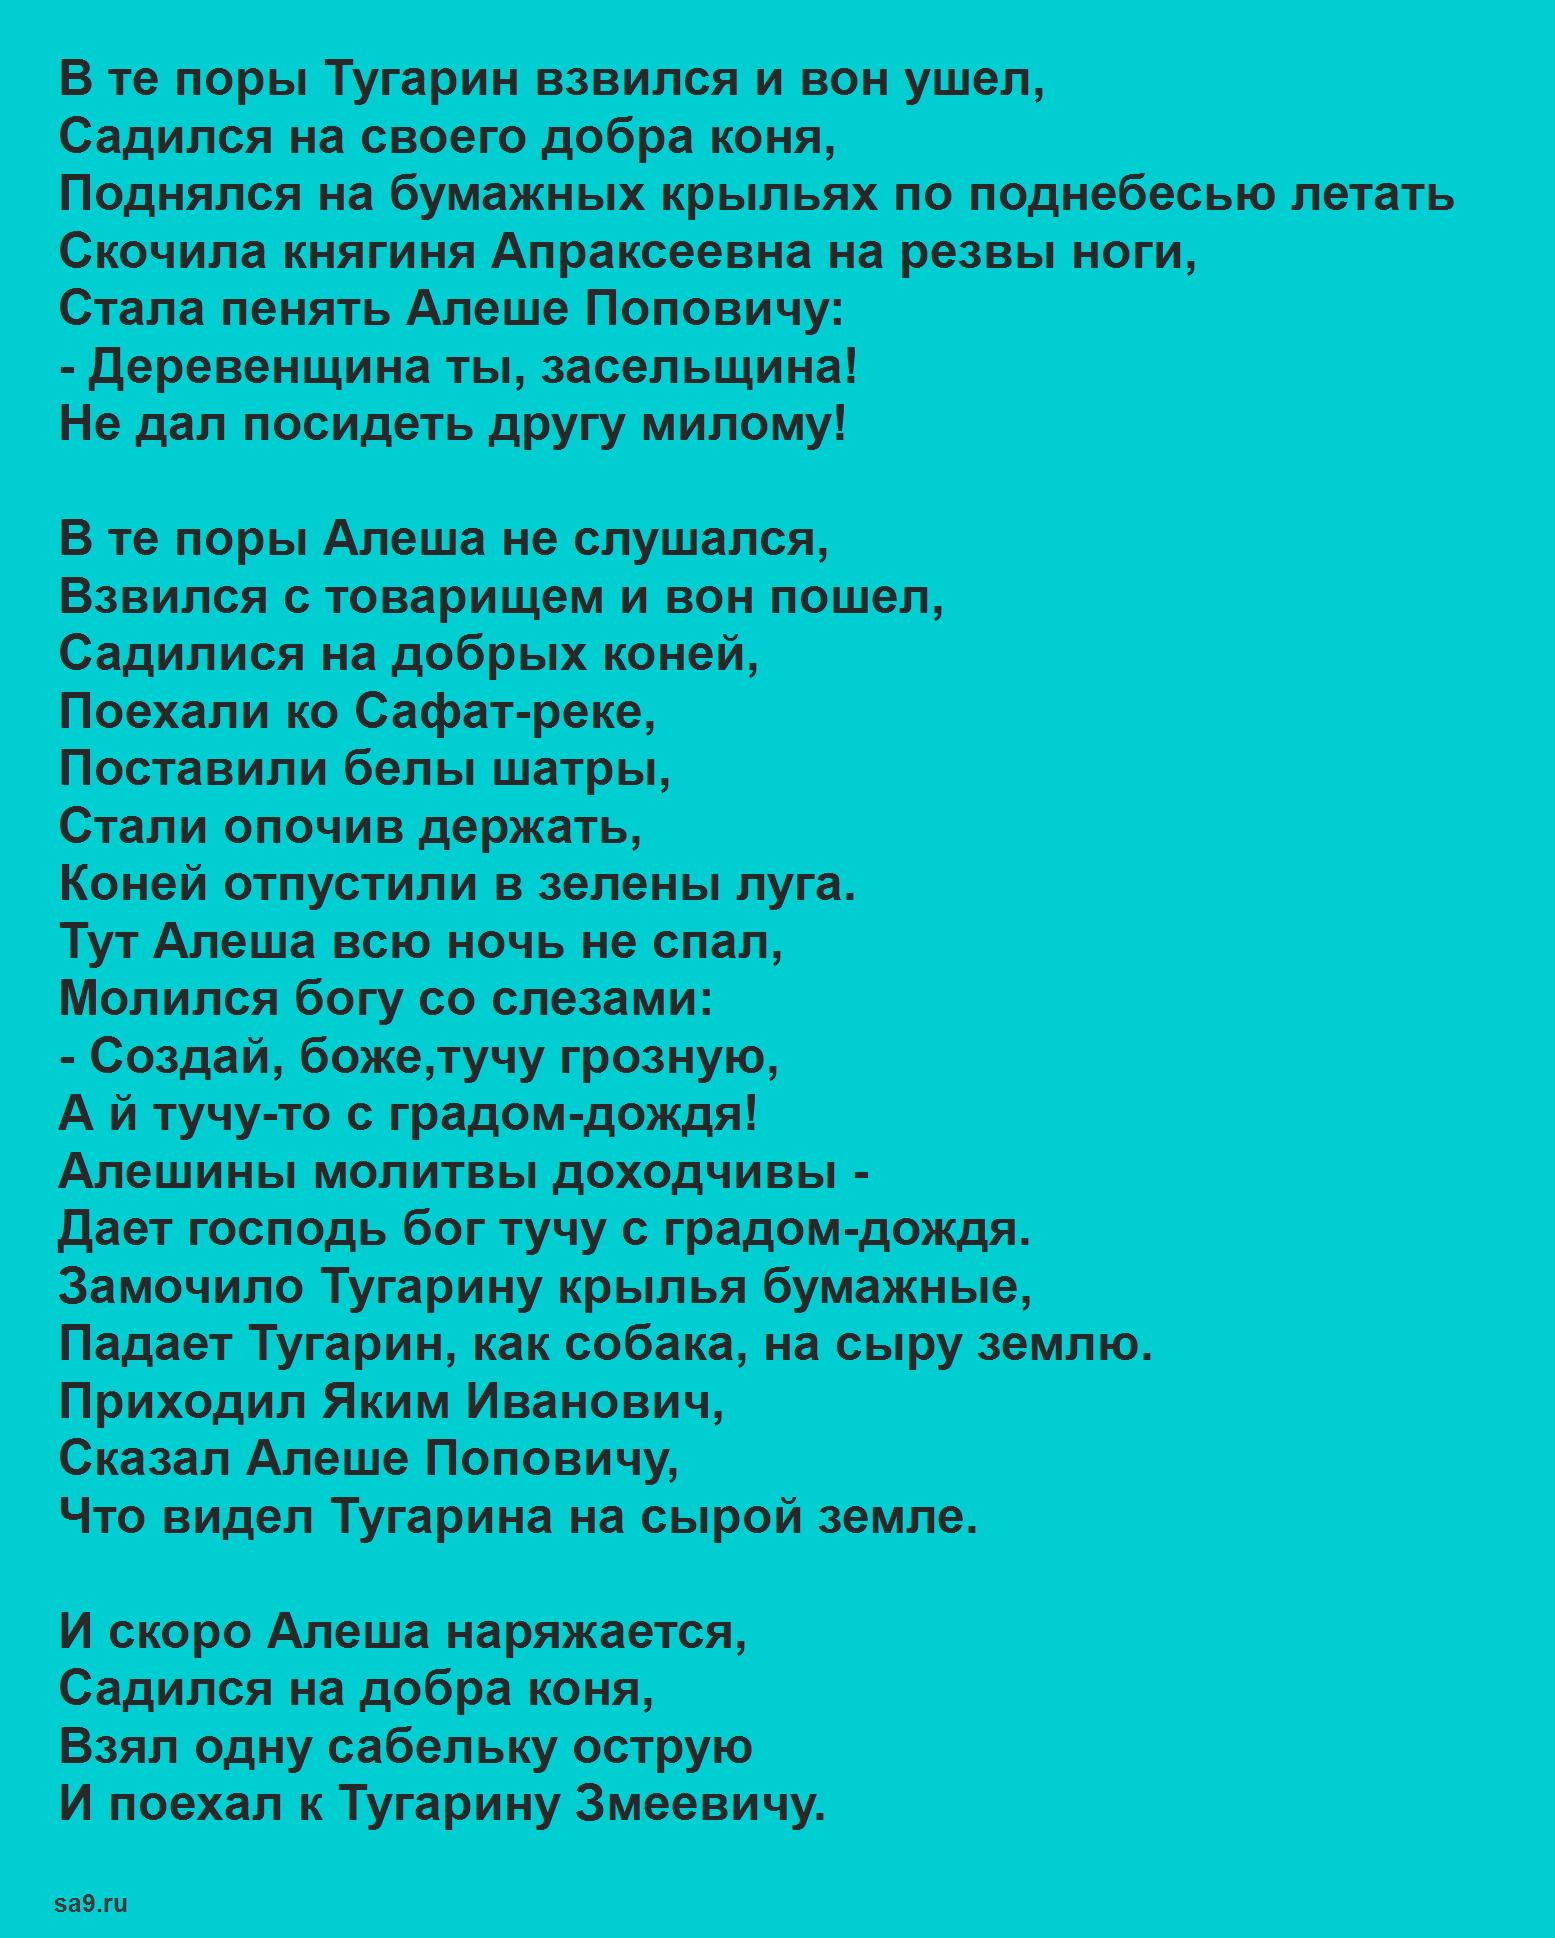 Былина - Алеша Попович и Тугарин Змеевич